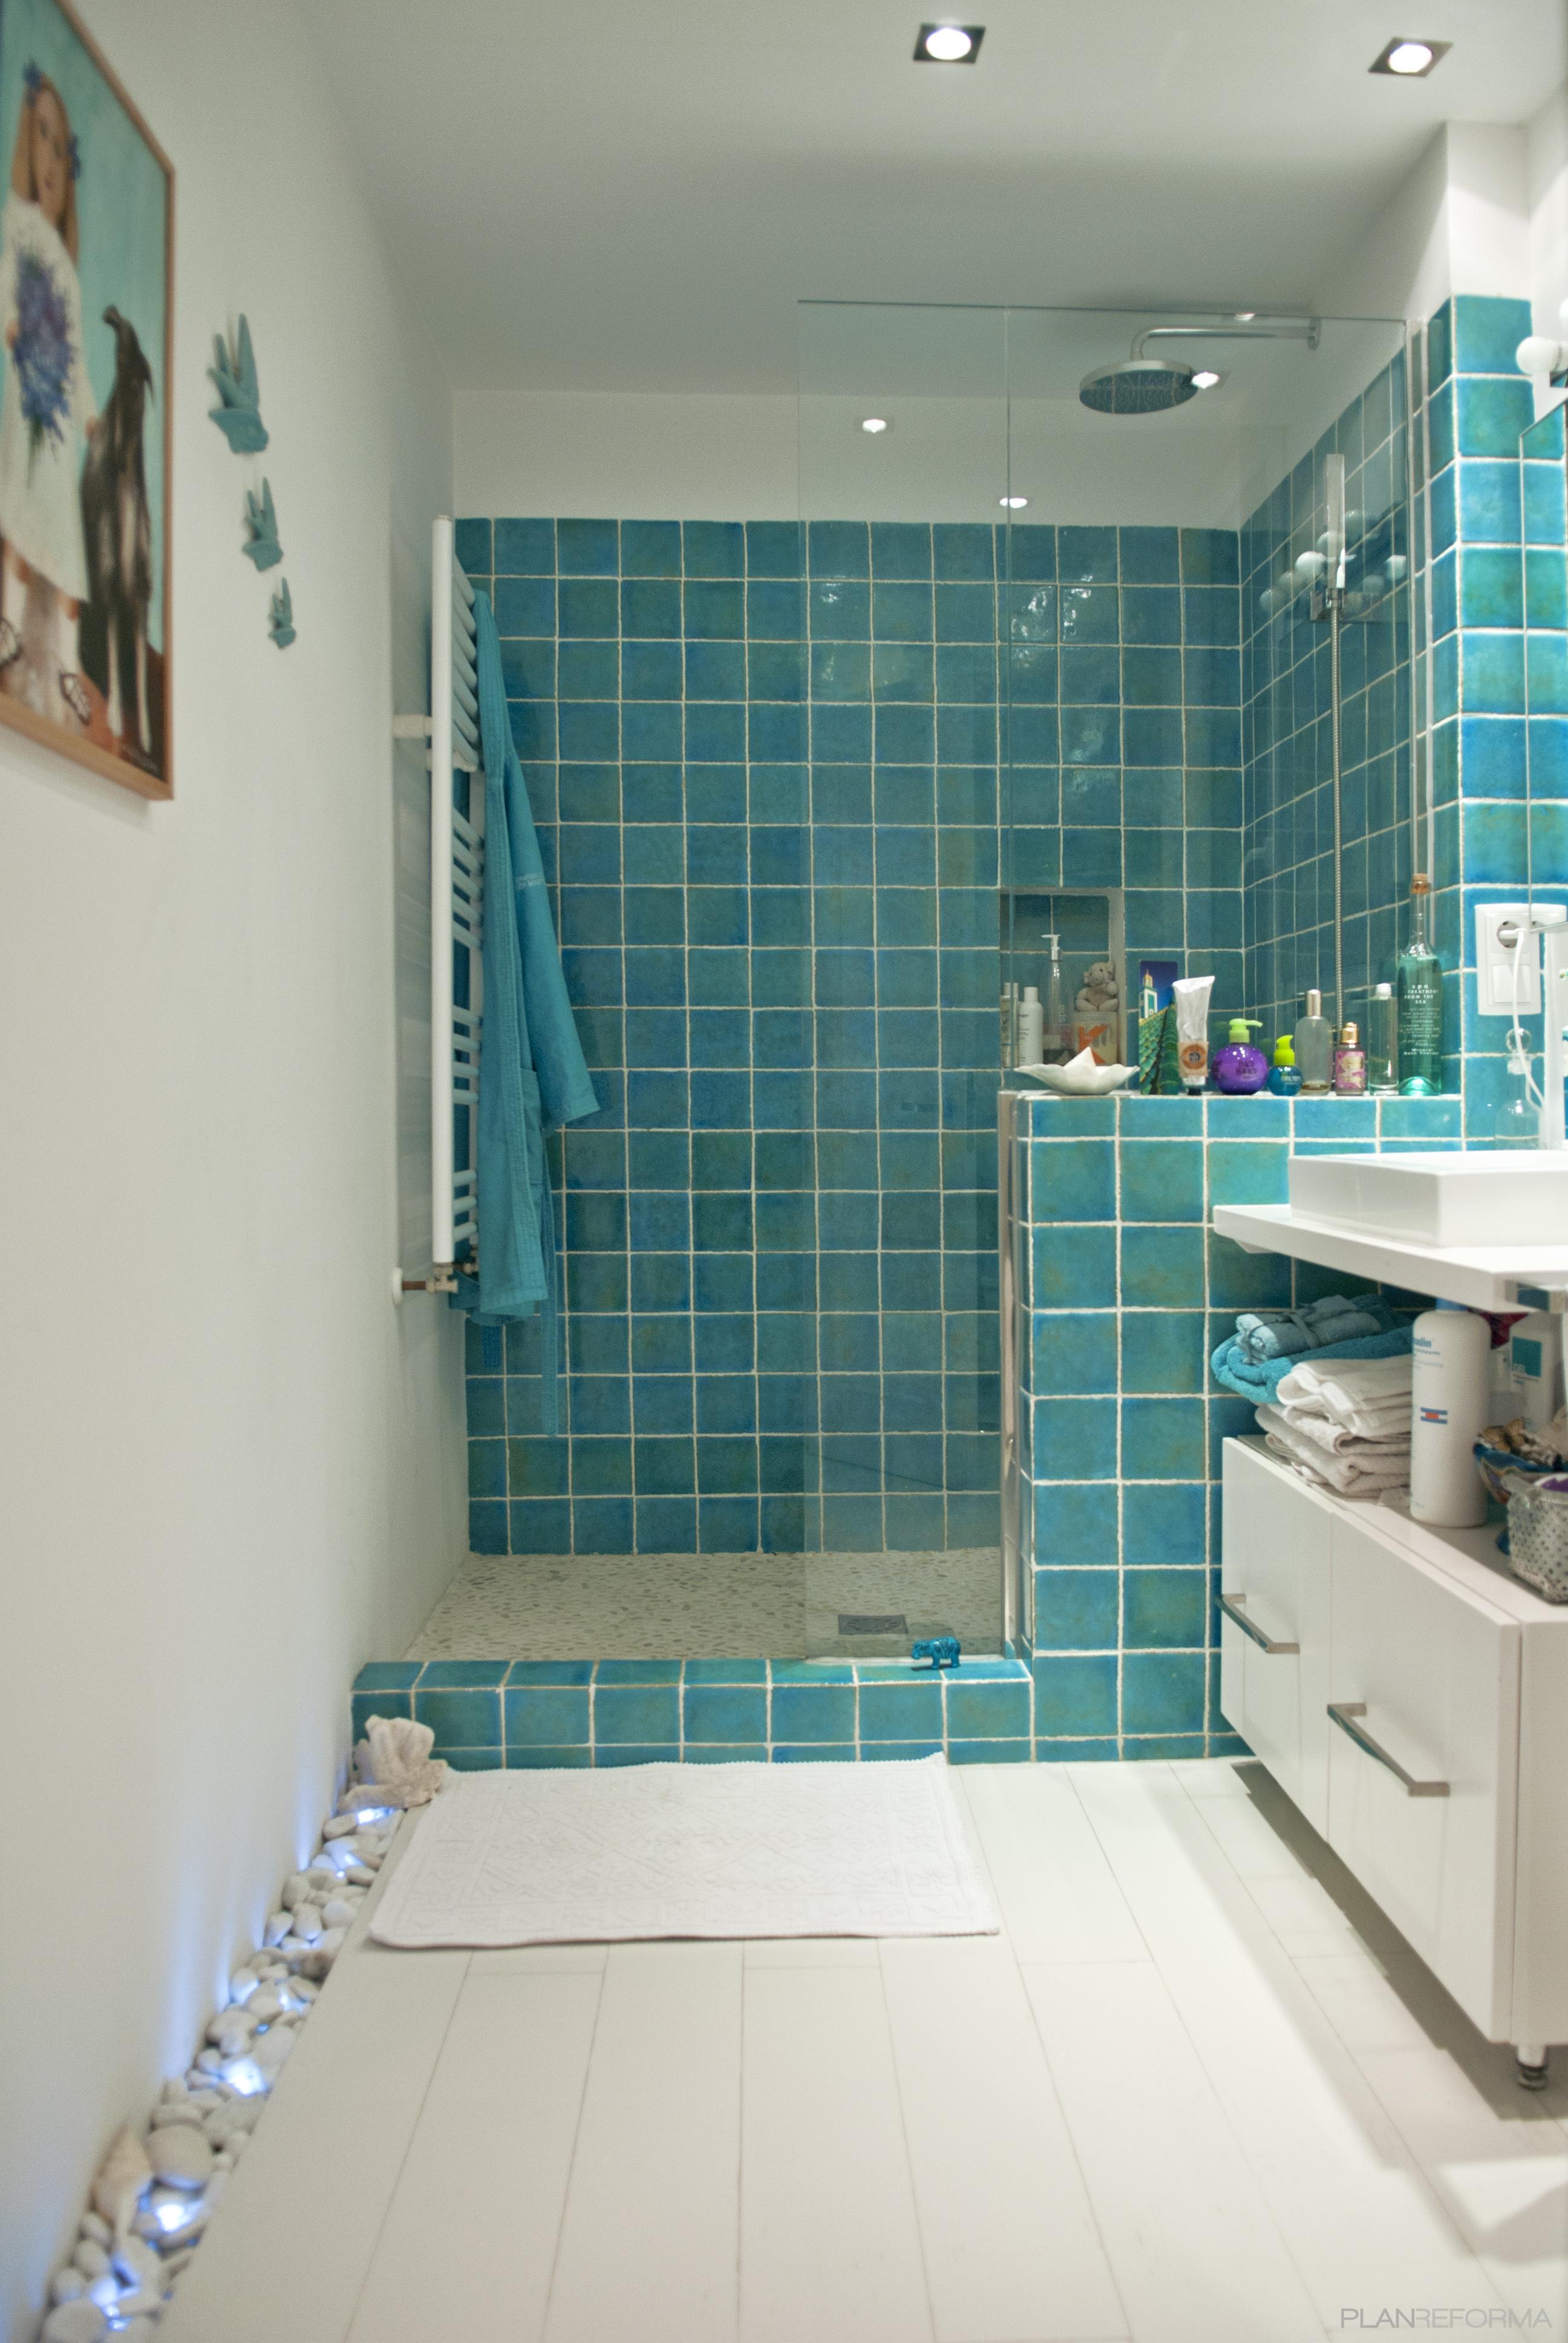 dormitorio estilo contemporaneo color turquesa blanco gris